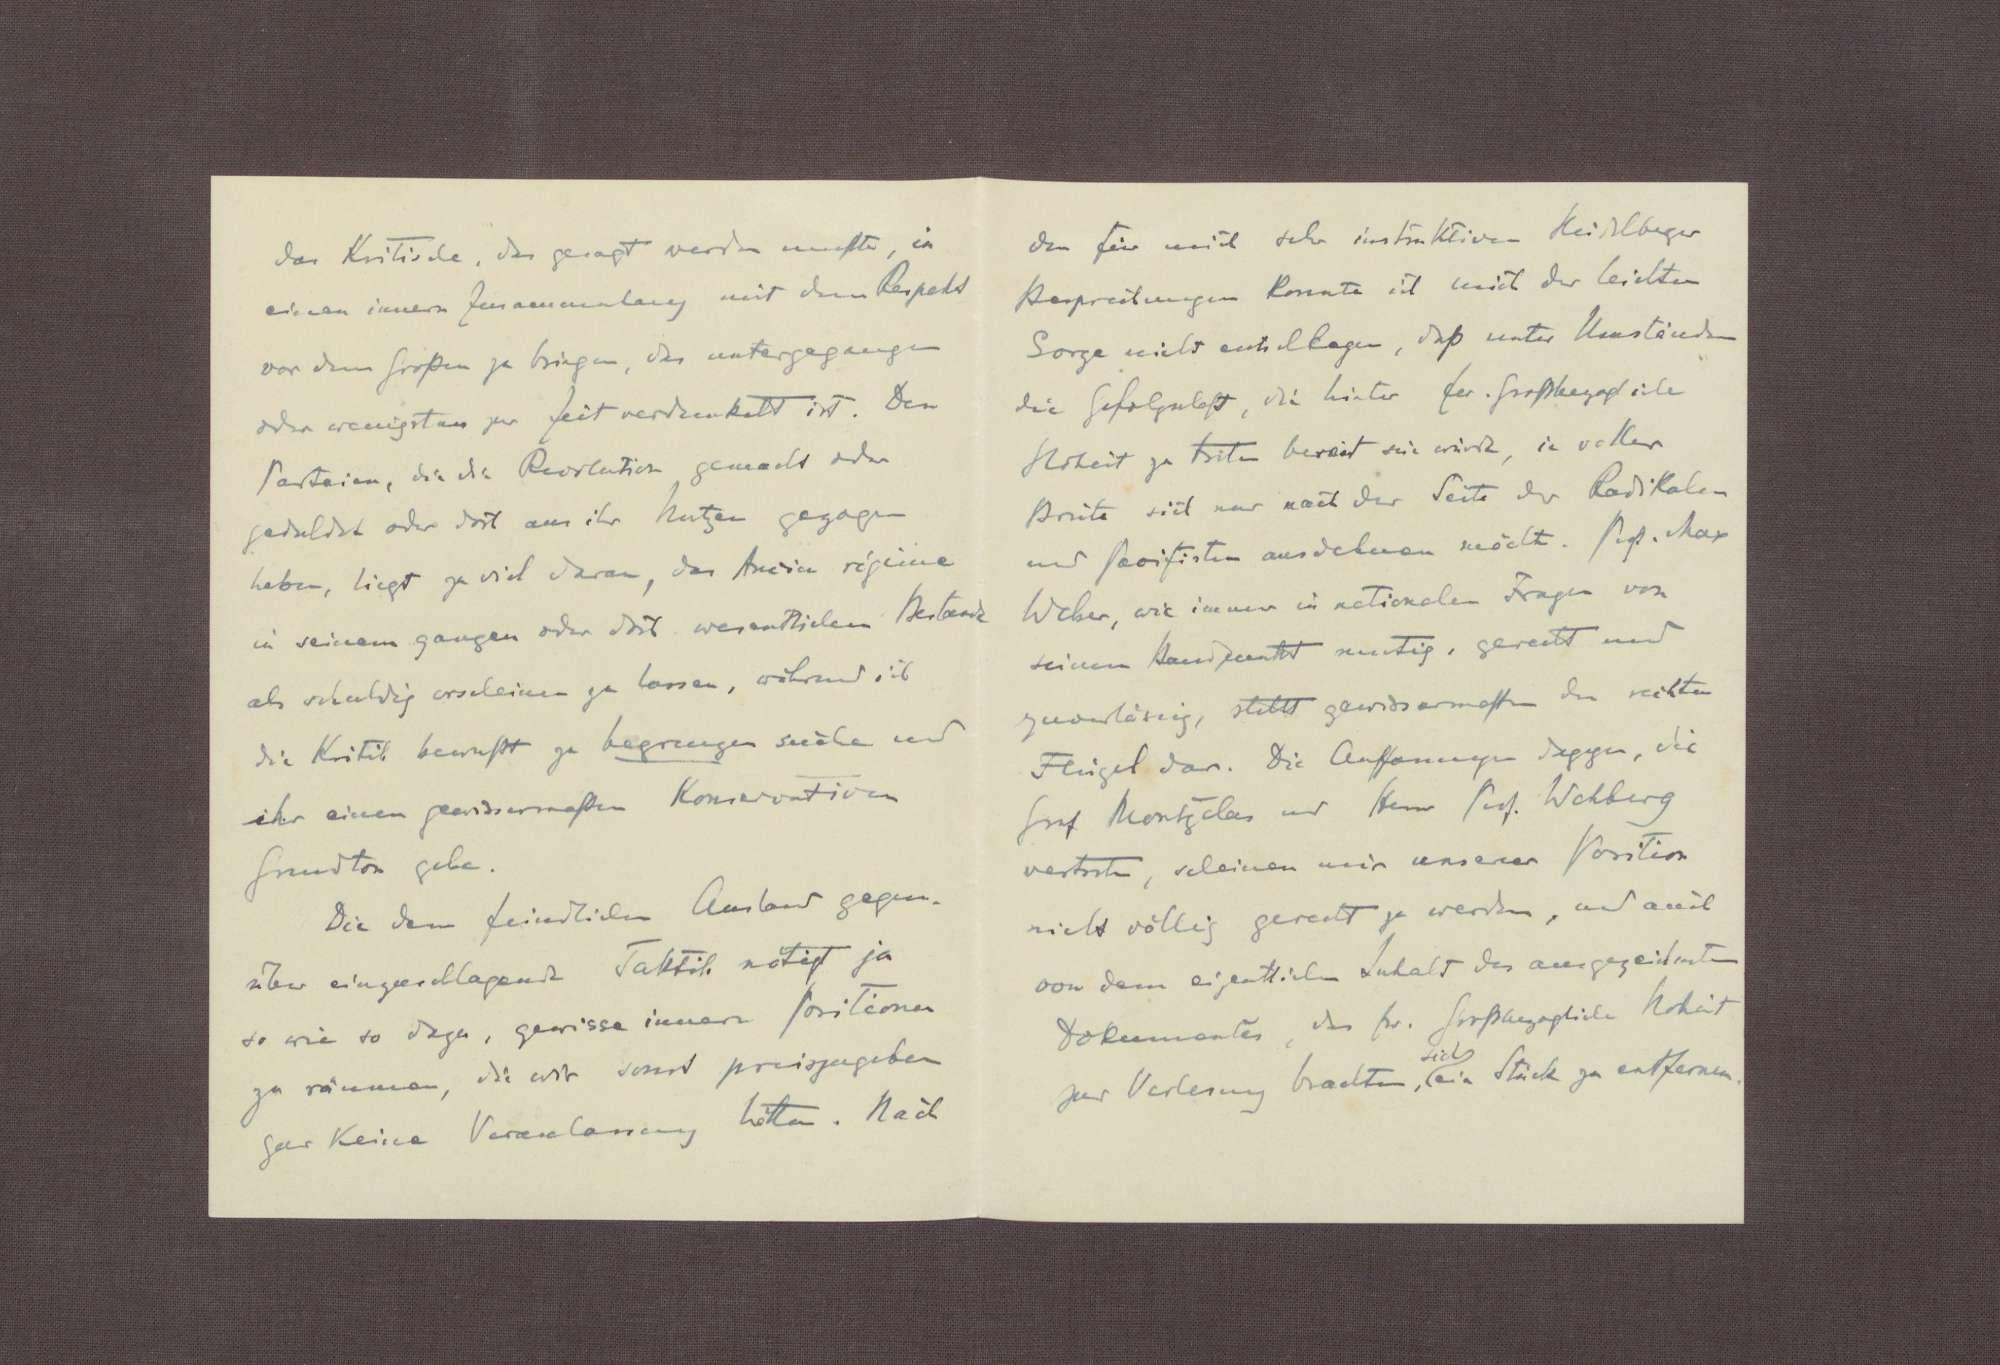 Schreiben von Hermann Oncken an Prinz Max von Baden; Zusendung eines Artikels von Hermann Oncken; Taktik bei den Verhandlungen in Versailles; Äußerungen Max Webers zu den Friedensverhandlungen, Bild 2